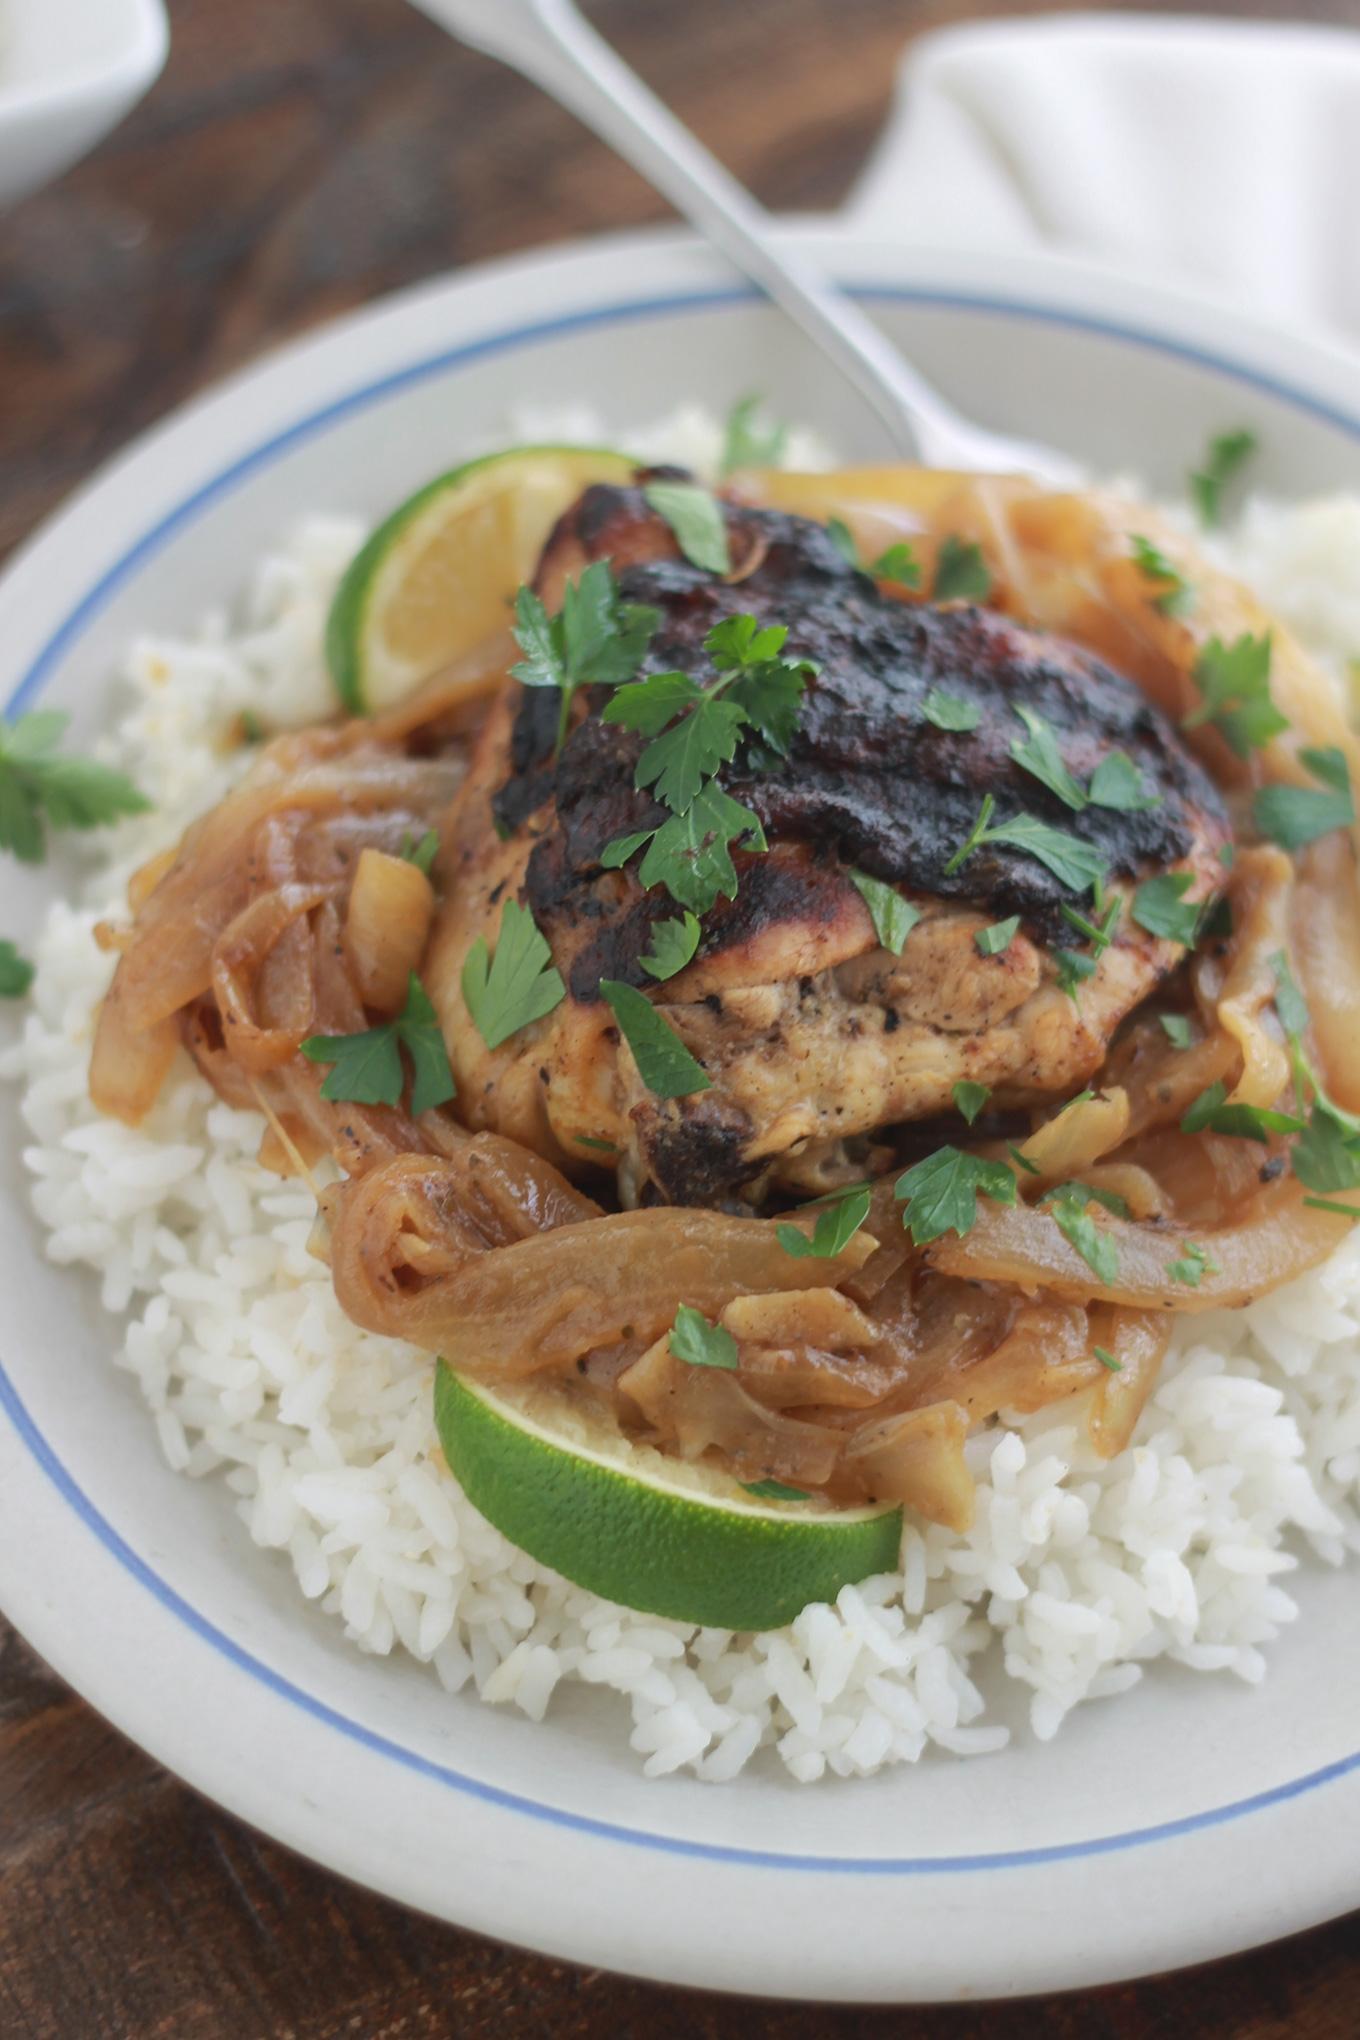 Yassa au poulet recette s n galaise cuisine culinaire - Recette de cuisine senegalaise ...